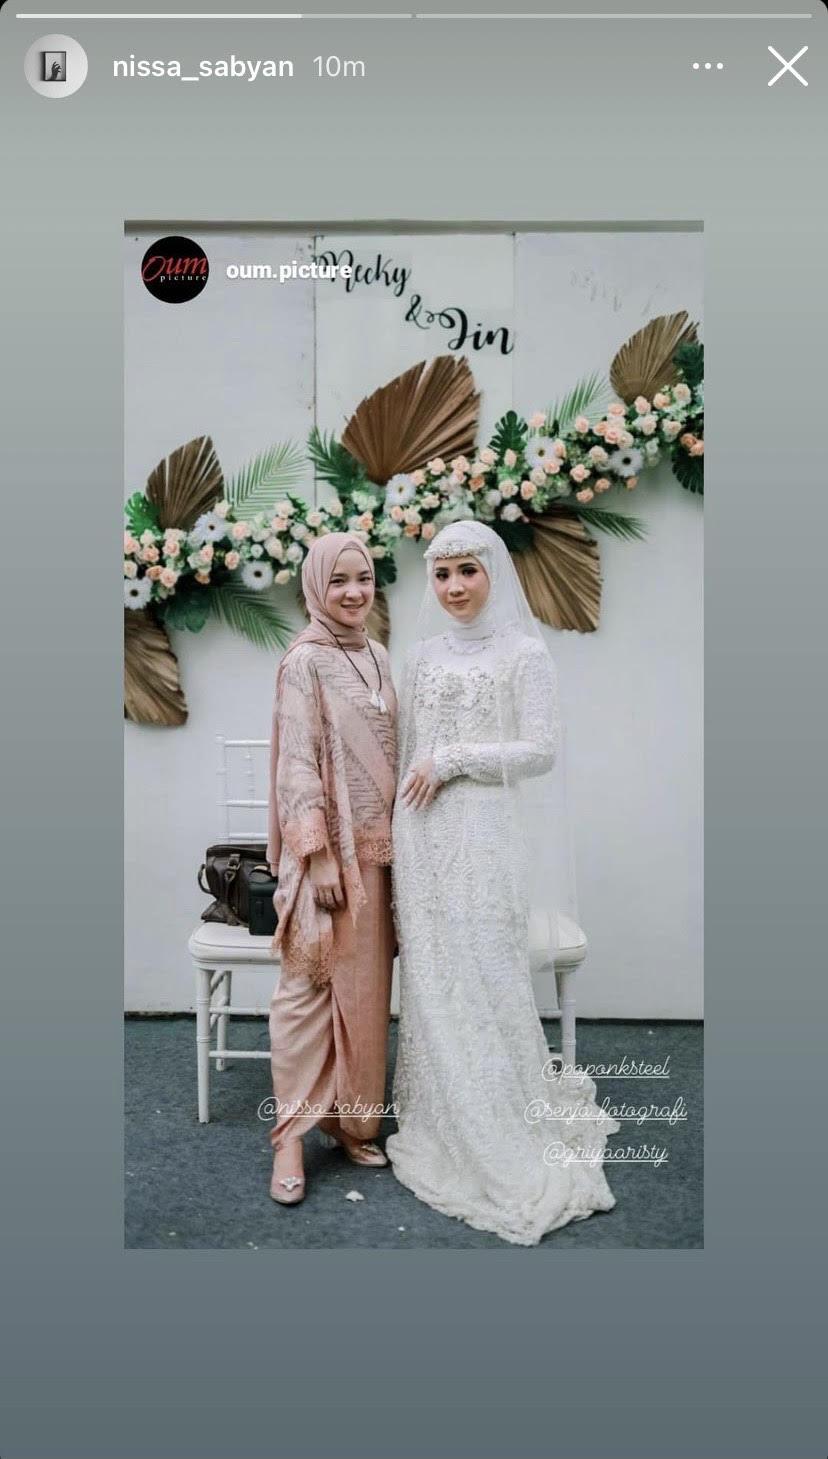 Nissa Sabyan merepost postingan akun IG @oum.picture, lawan Ayus Sabyan menghadiri pernikahan pasangan Recky & Iin menjadi sorotan.